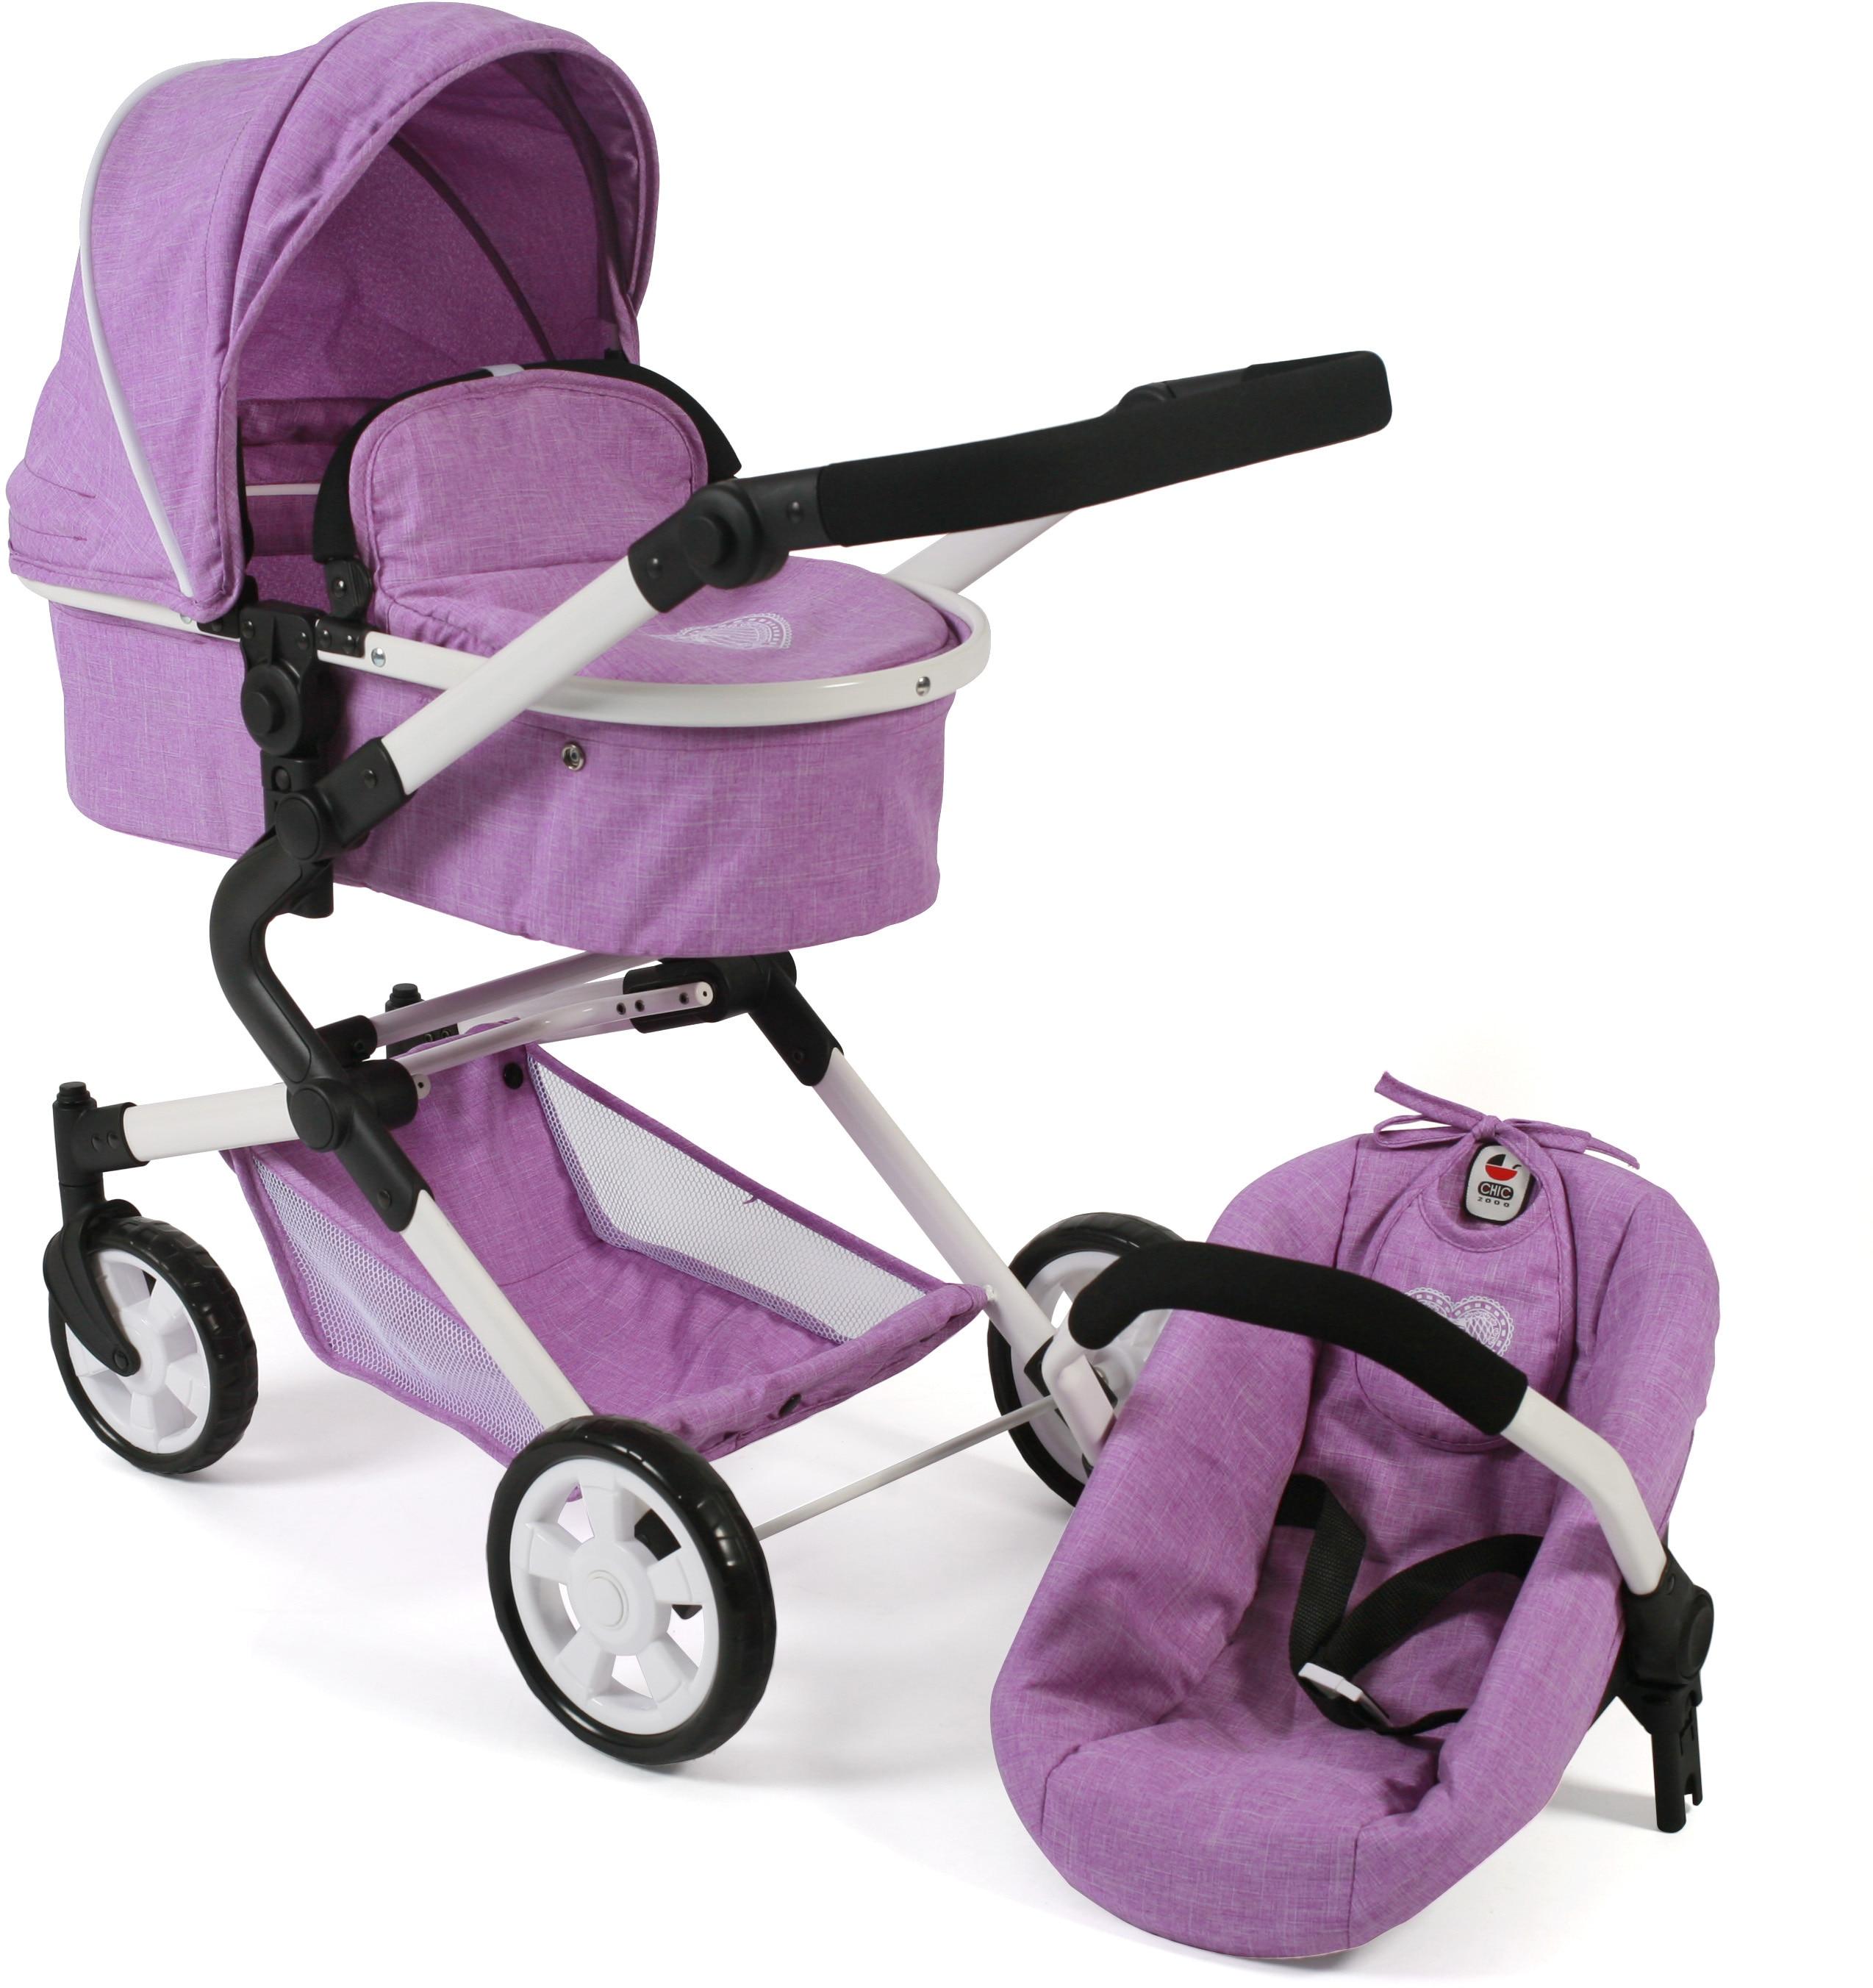 CHIC2000 Kombi-Puppenwagen Lia, flieder, mit Puppen-Autositz lila Kinder Puppenzubehör Puppen